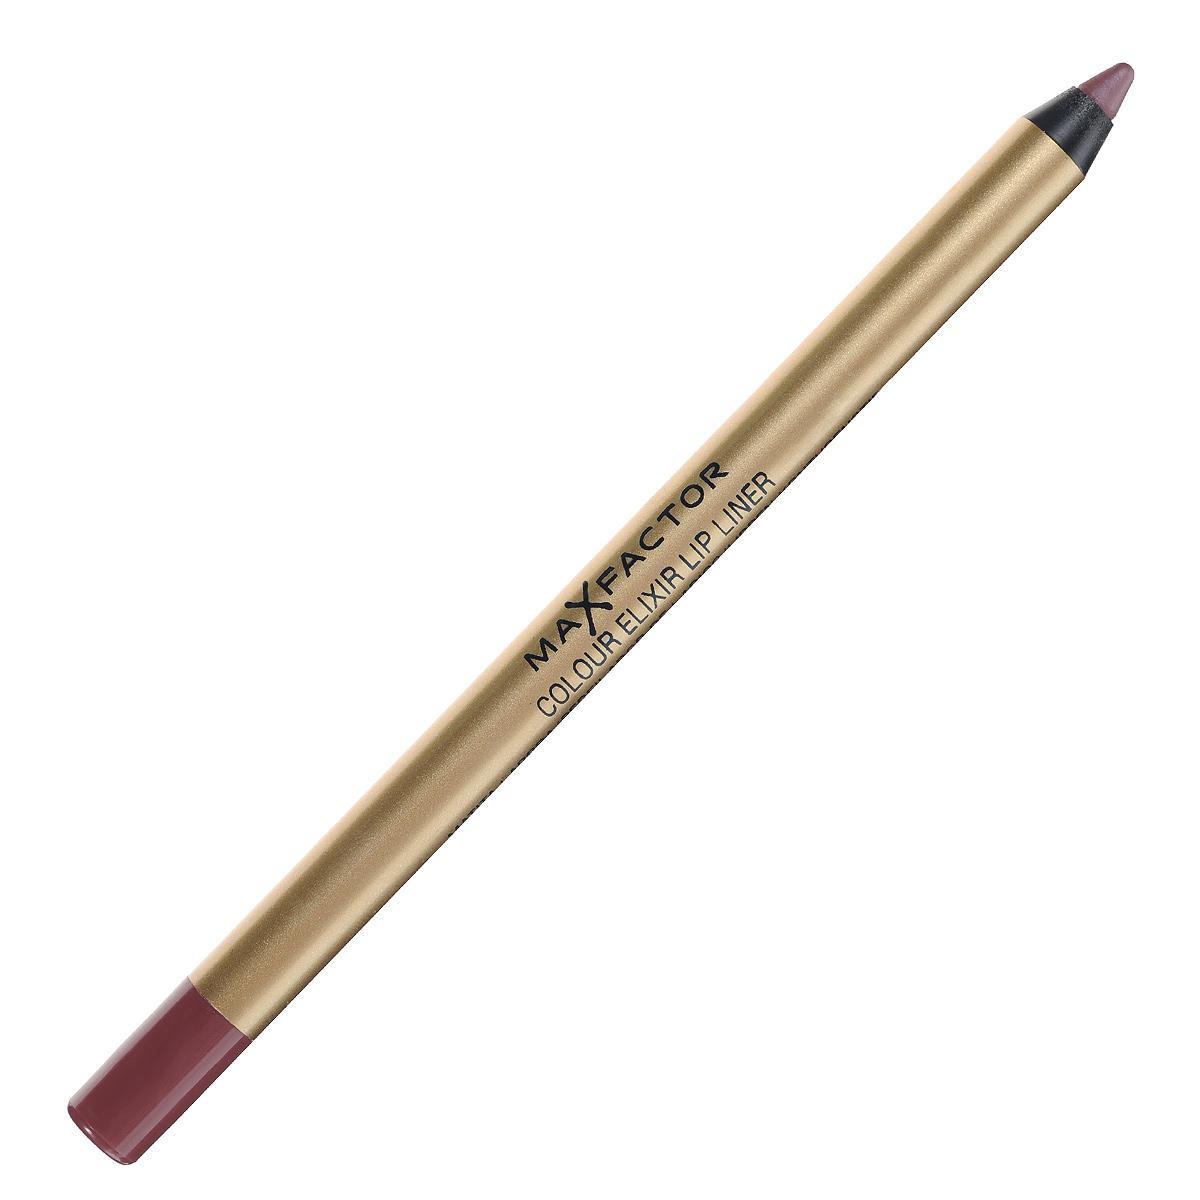 Max Factor Карандаш для губ Colour Elixir Lip Liner, тон №12 red blush, цвет: бордовый81440166Секрет эффектного макияжа губ - правильный карандаш. Он мягко касается губ и рисует точную линию, подчеркивая контур и одновременно ухаживая за губами. Карандаш для губ Colour Elixir подчеркивает твои губы, придавая им форму. - Роскошный цвет и увлажнение для мягких и гладких губ. - Оттенки подходят к палитре помады Colour Elixir. - Легко наносится.1. Выбирай карандаш на один тон темнее твоей помады 2. Наточи карандаш и смягчи кончик салфеткой 3. Подведи губы в уголках, дугу Купидона и середину нижней губы, затем соедини линии 4. Нанеси несколько легких штрихов на губы, чтобы помада держалась дольше.